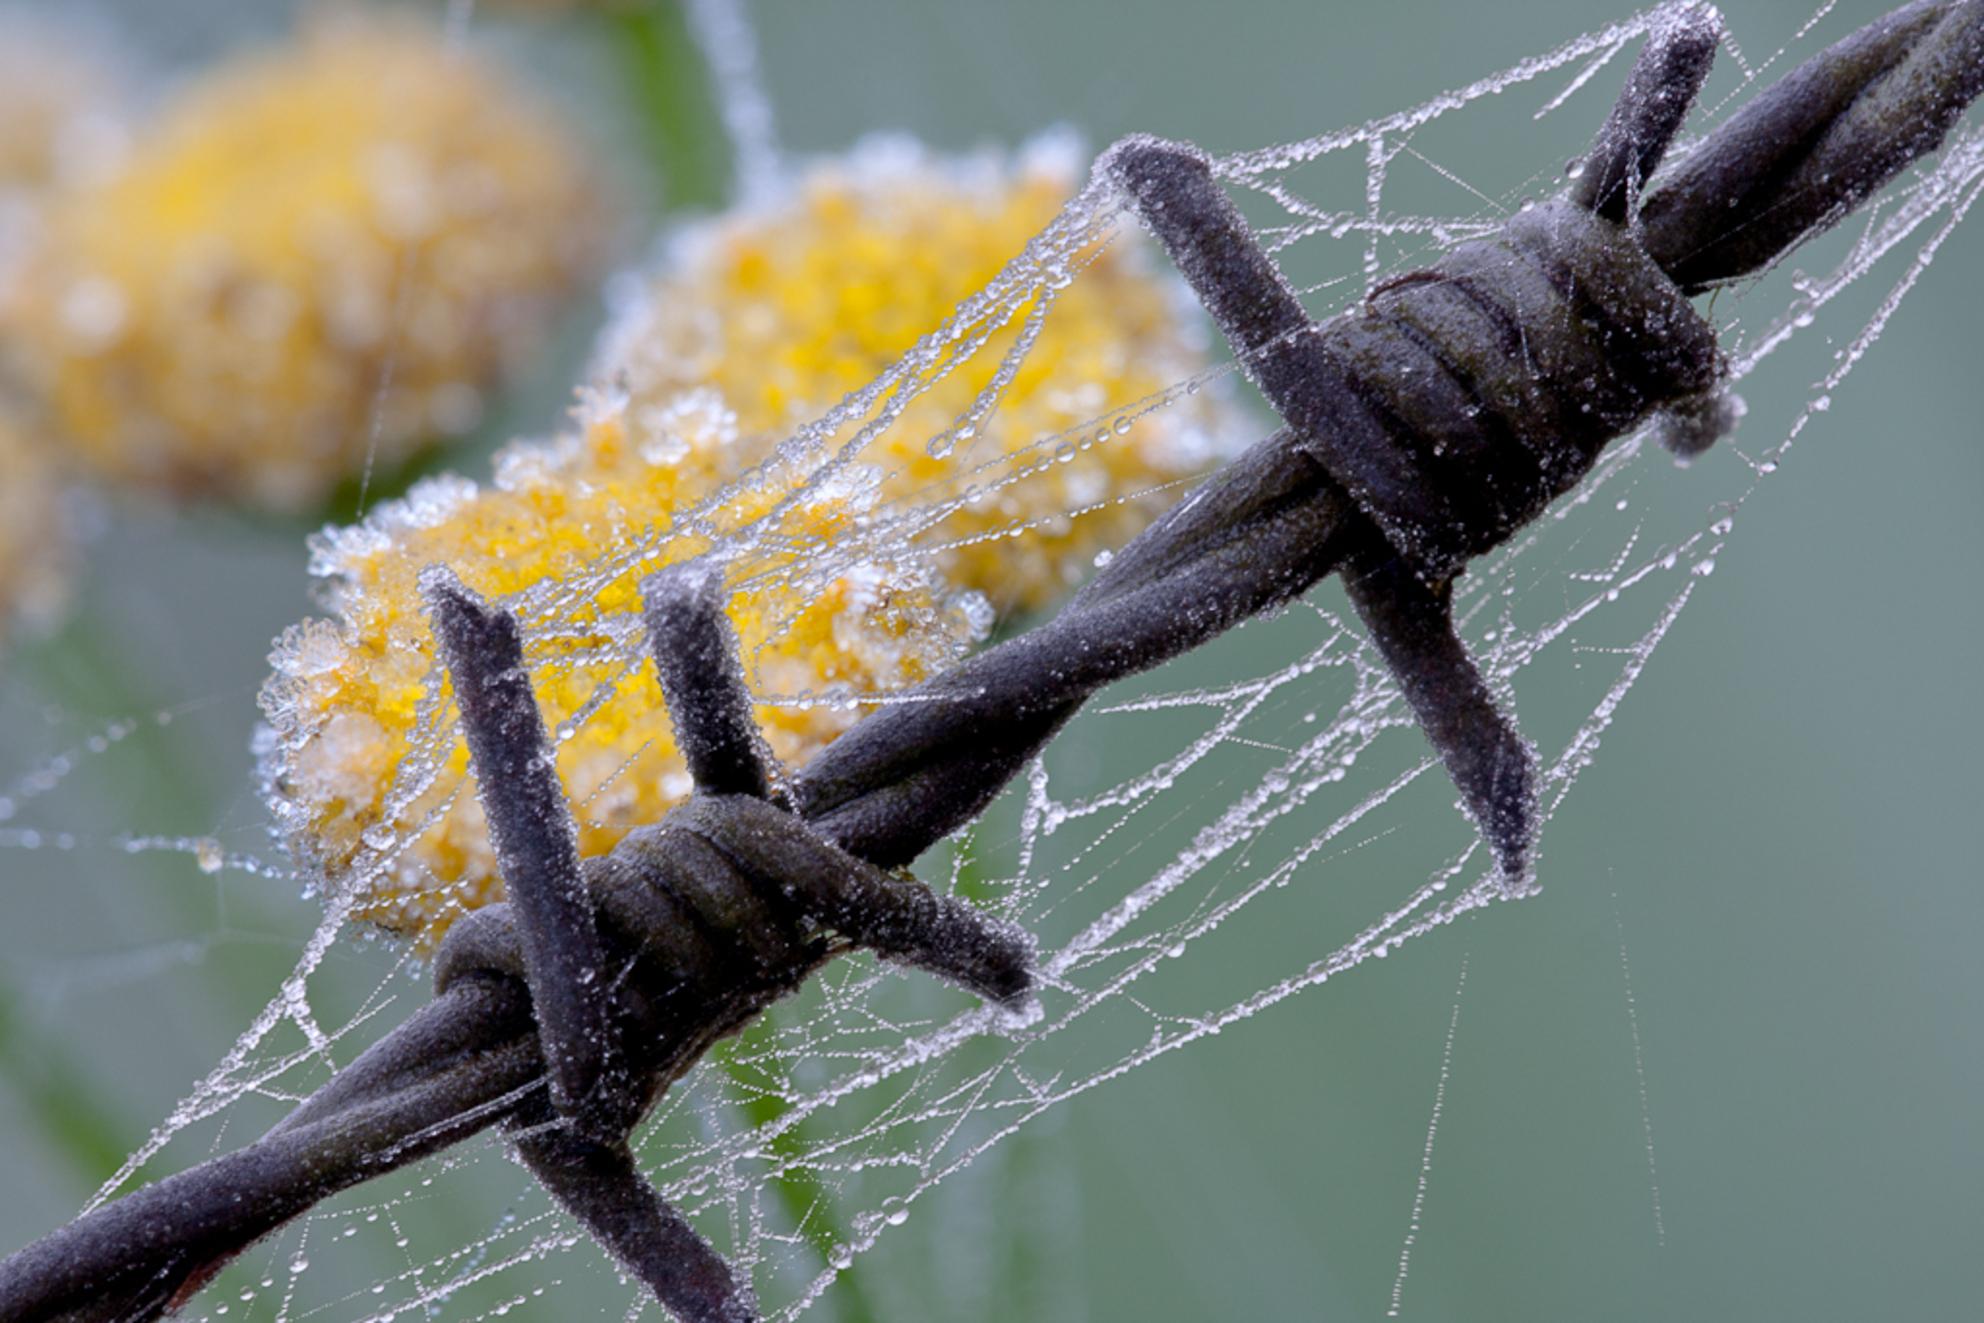 """Prikkelend - Dezelfde condities als bij mijn vorige upload """"frozen dreams"""", echter in een geheel andere setting. - foto door oostindienjp op 21-11-2011 - deze foto bevat: geel, rijp, druppels, vorst, prikkeldraad, dauw, bevroren, ijskristallen"""